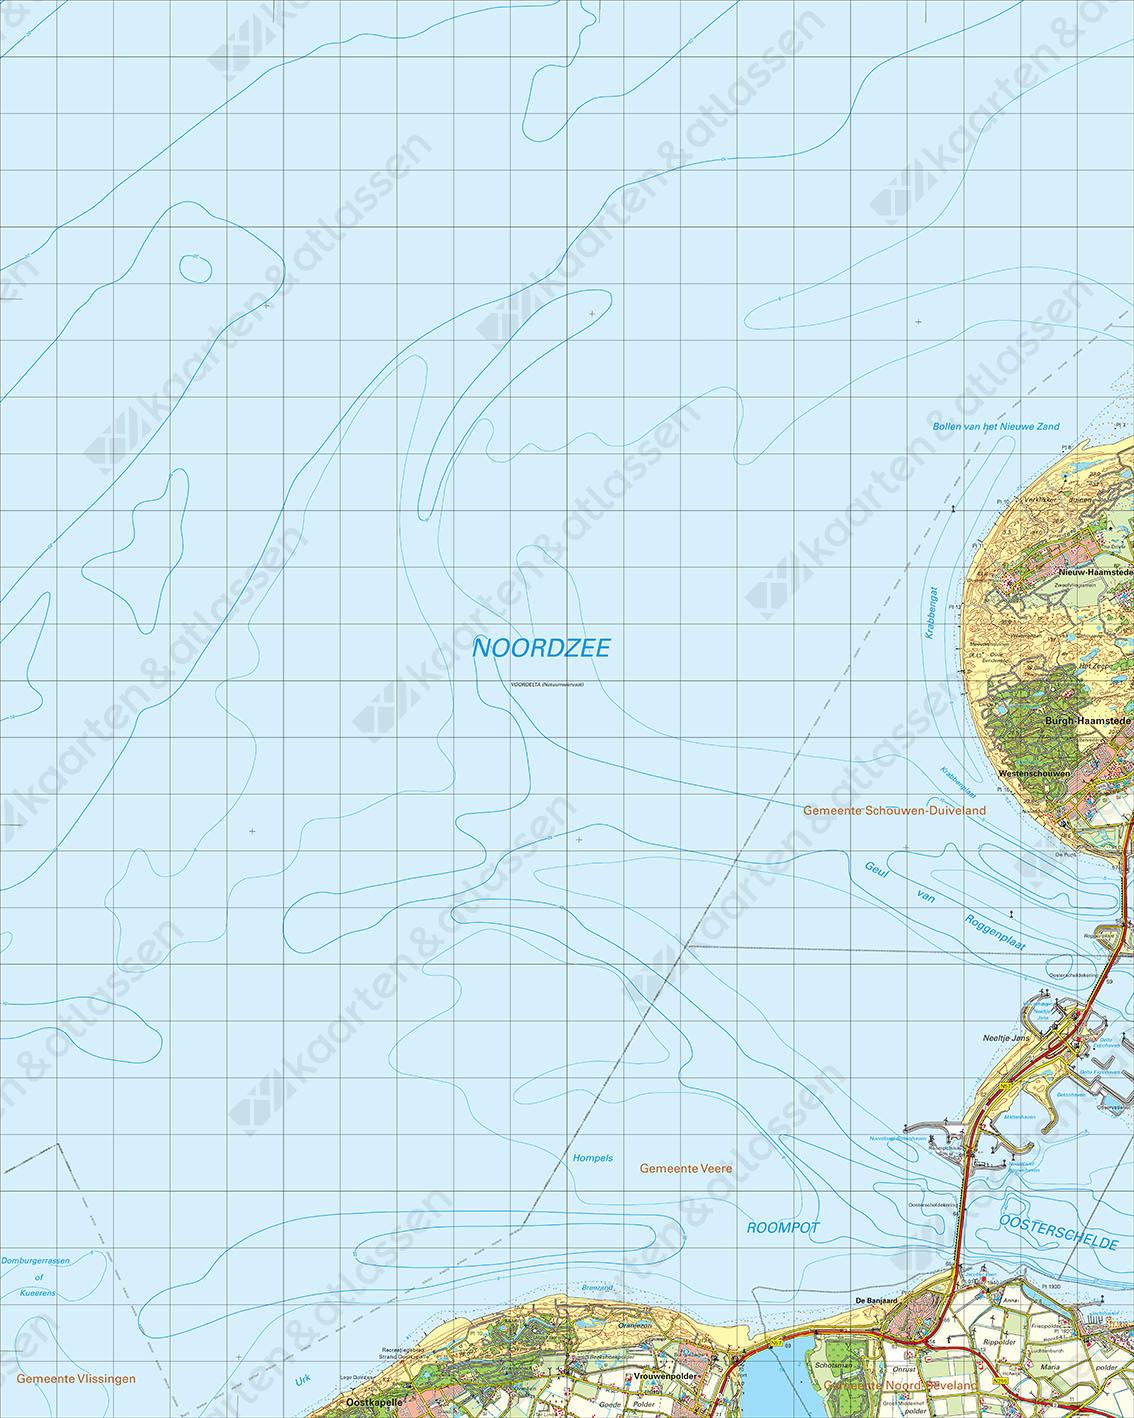 Digitale Topografische Kaart 42 West Zierikzee